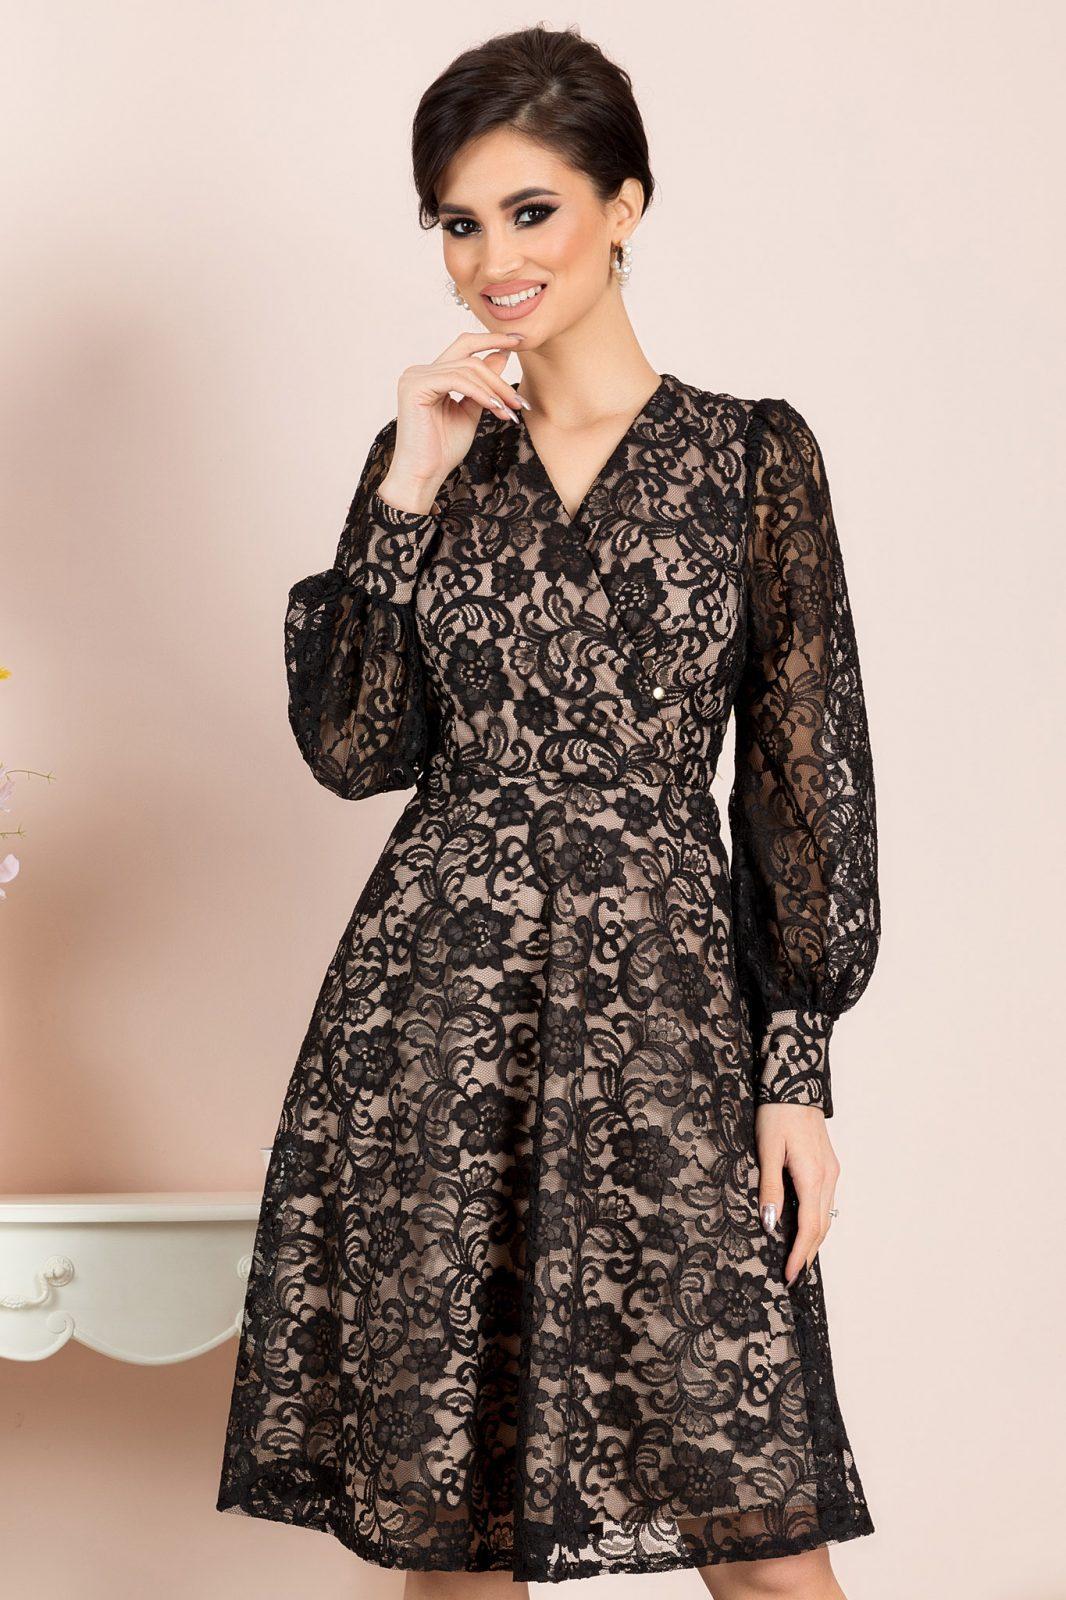 Aprill Black Dress